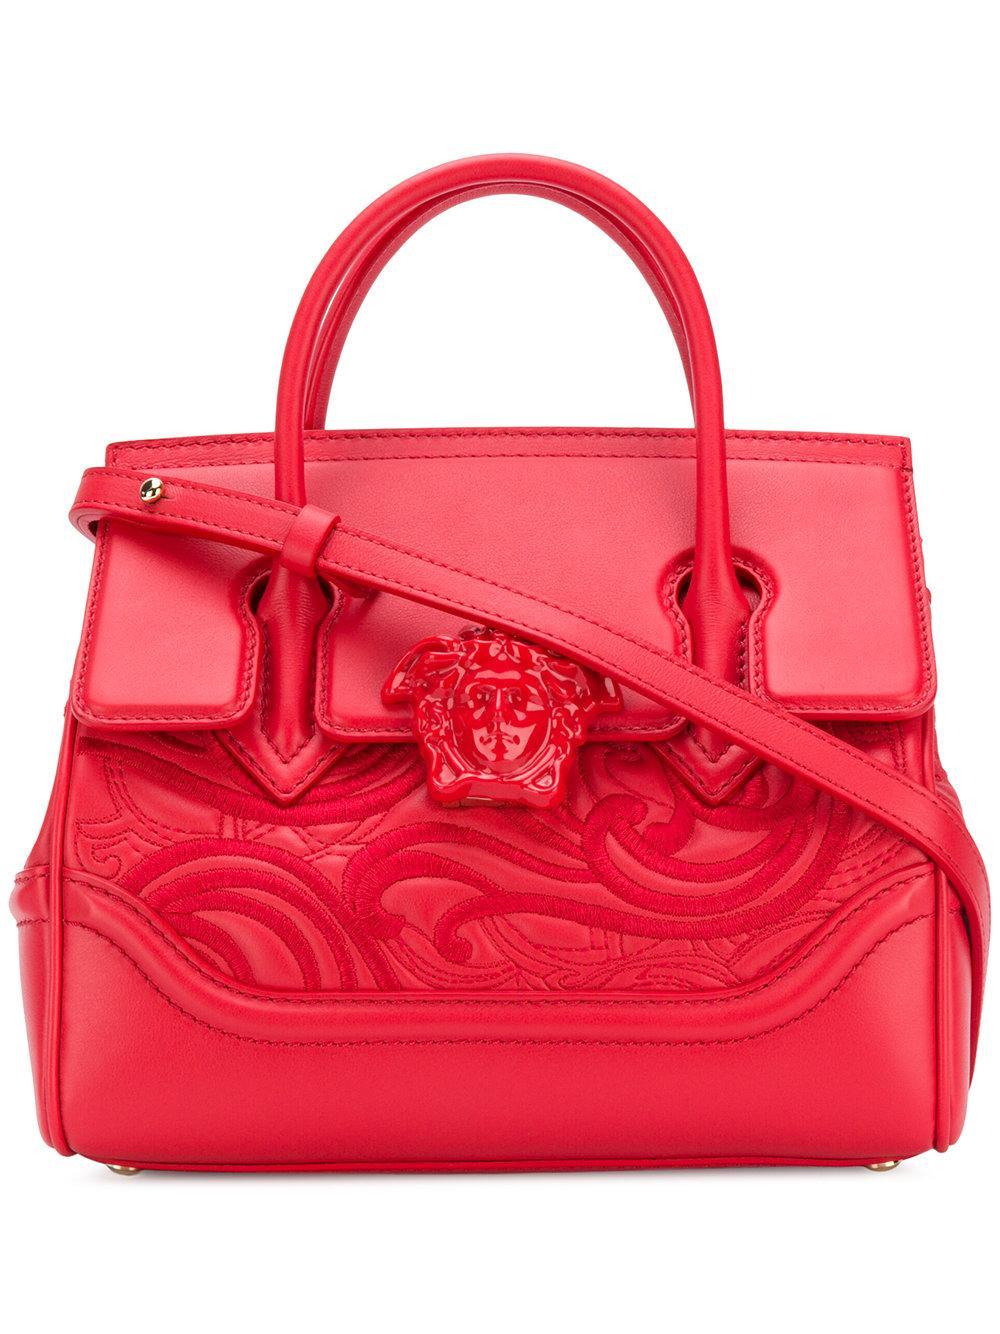 35e051301e Versace Palazzo Empire Tote Bag - Red